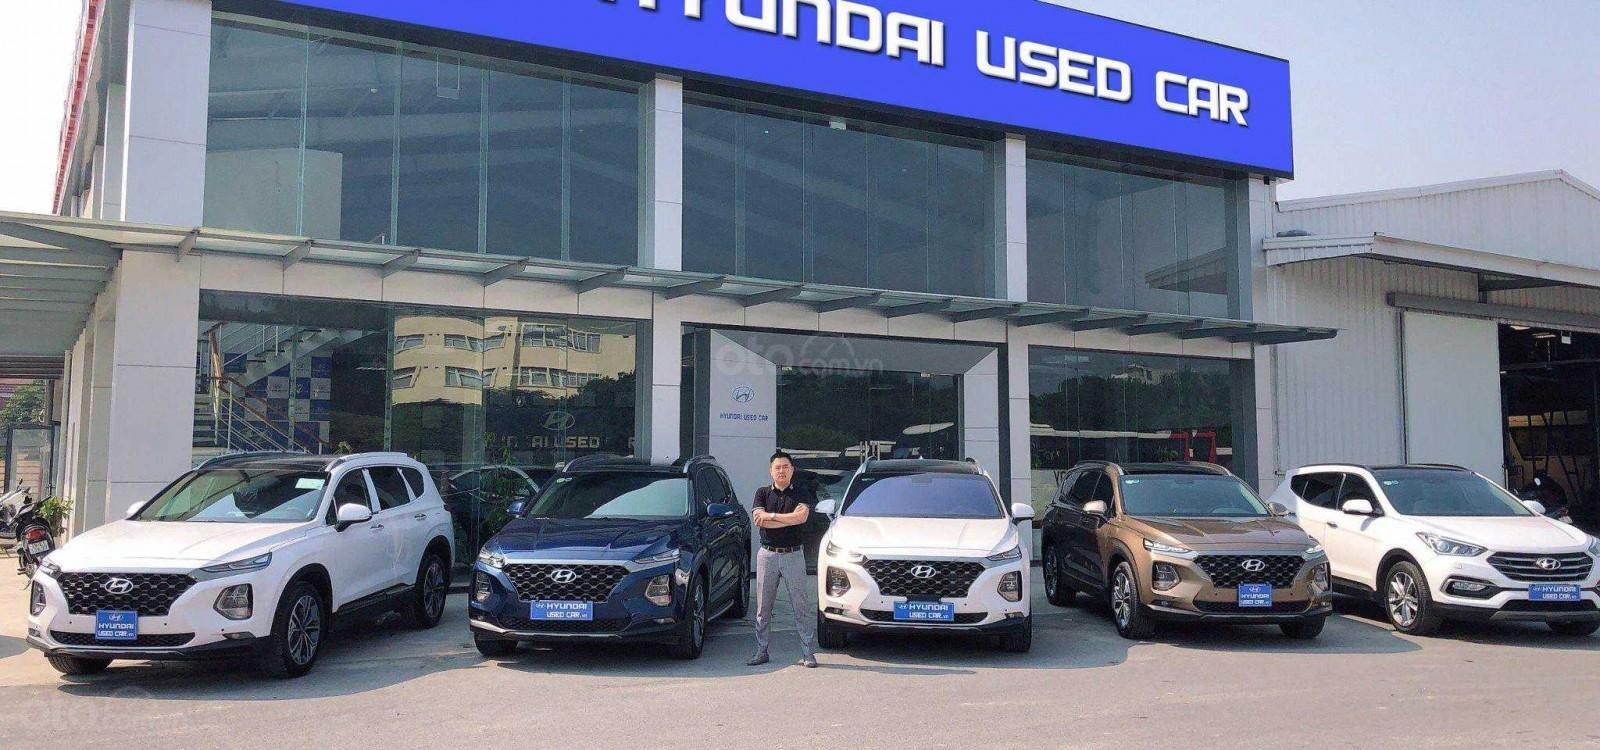 Hyundai Used Cars (4)